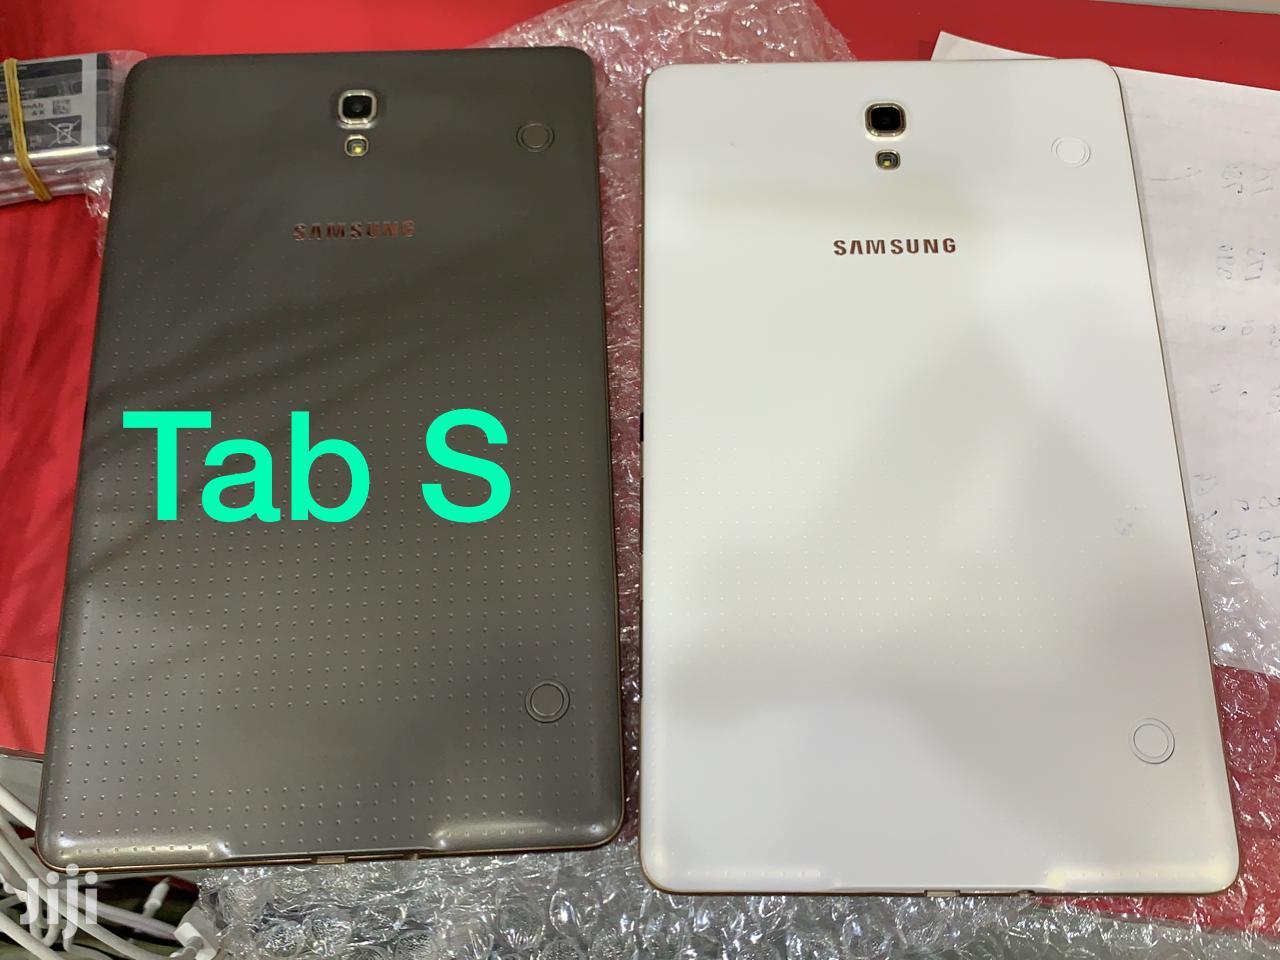 Samsung Galaxy Tab S 8.4 8 GB